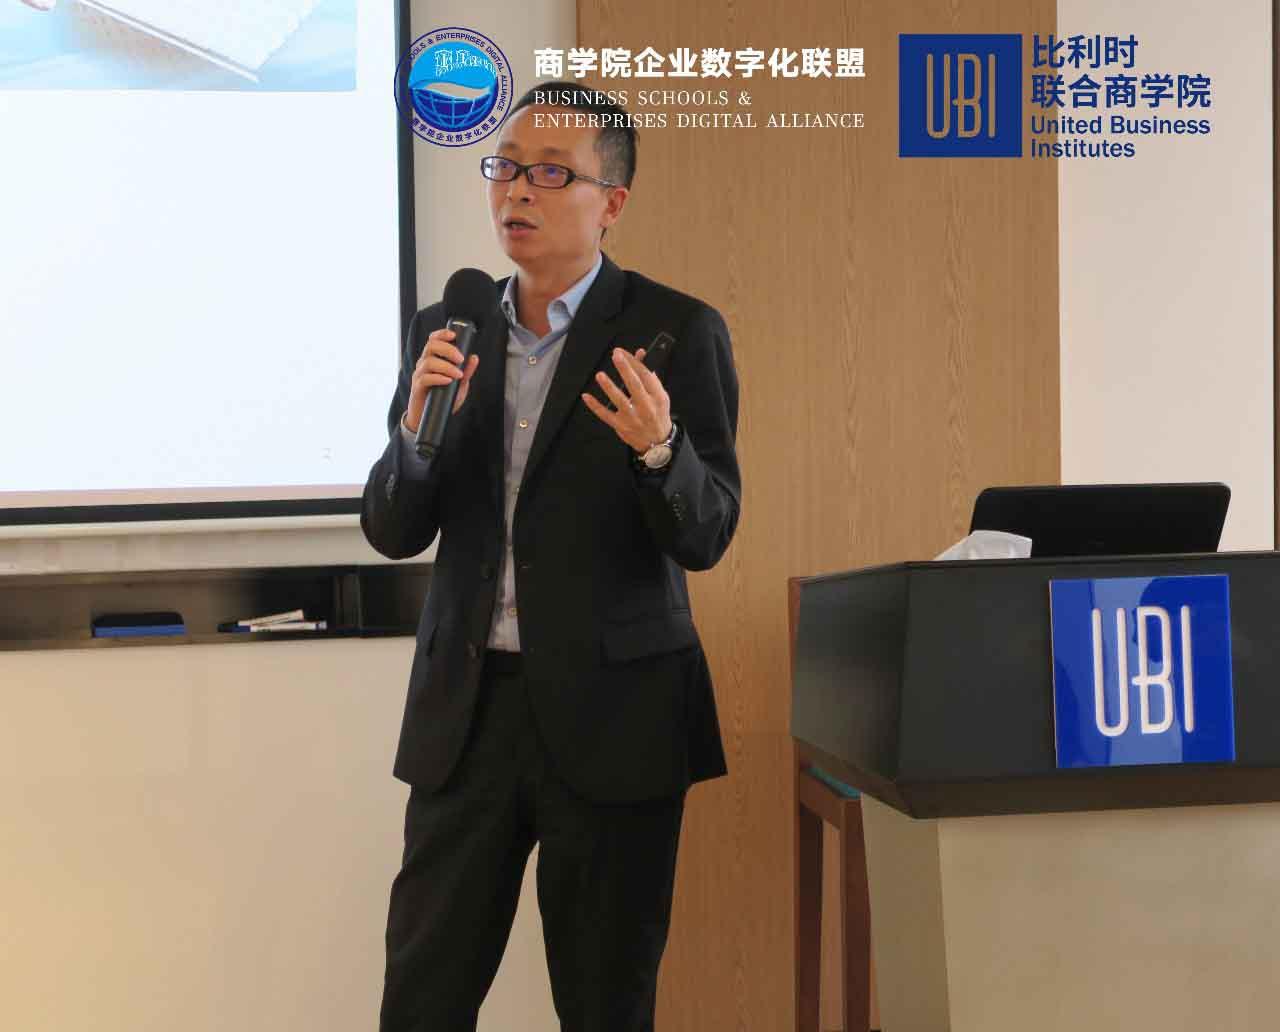 SAP中国方案架构部高级总监张栩翔